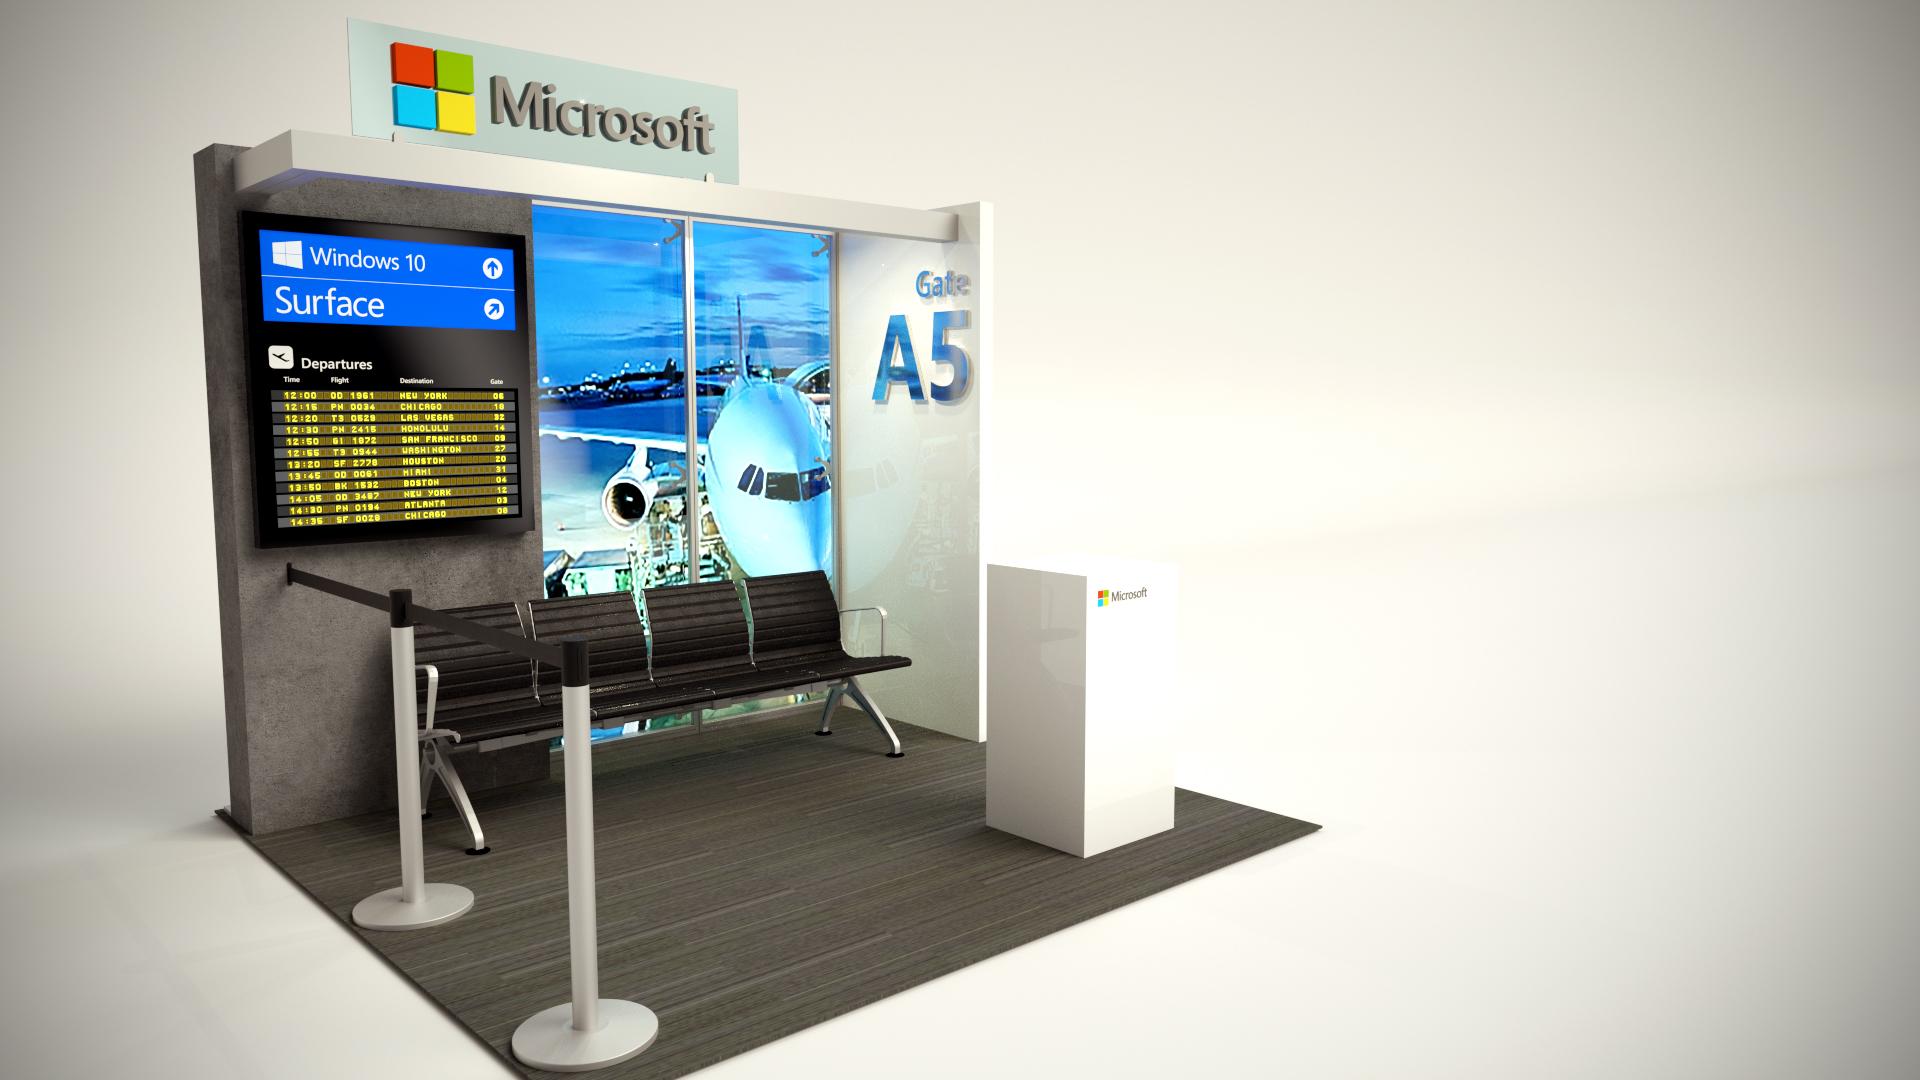 2886 - Microsoft - Staples Canada Vendor Show 2015 (10' Airport) REV 1.jpg